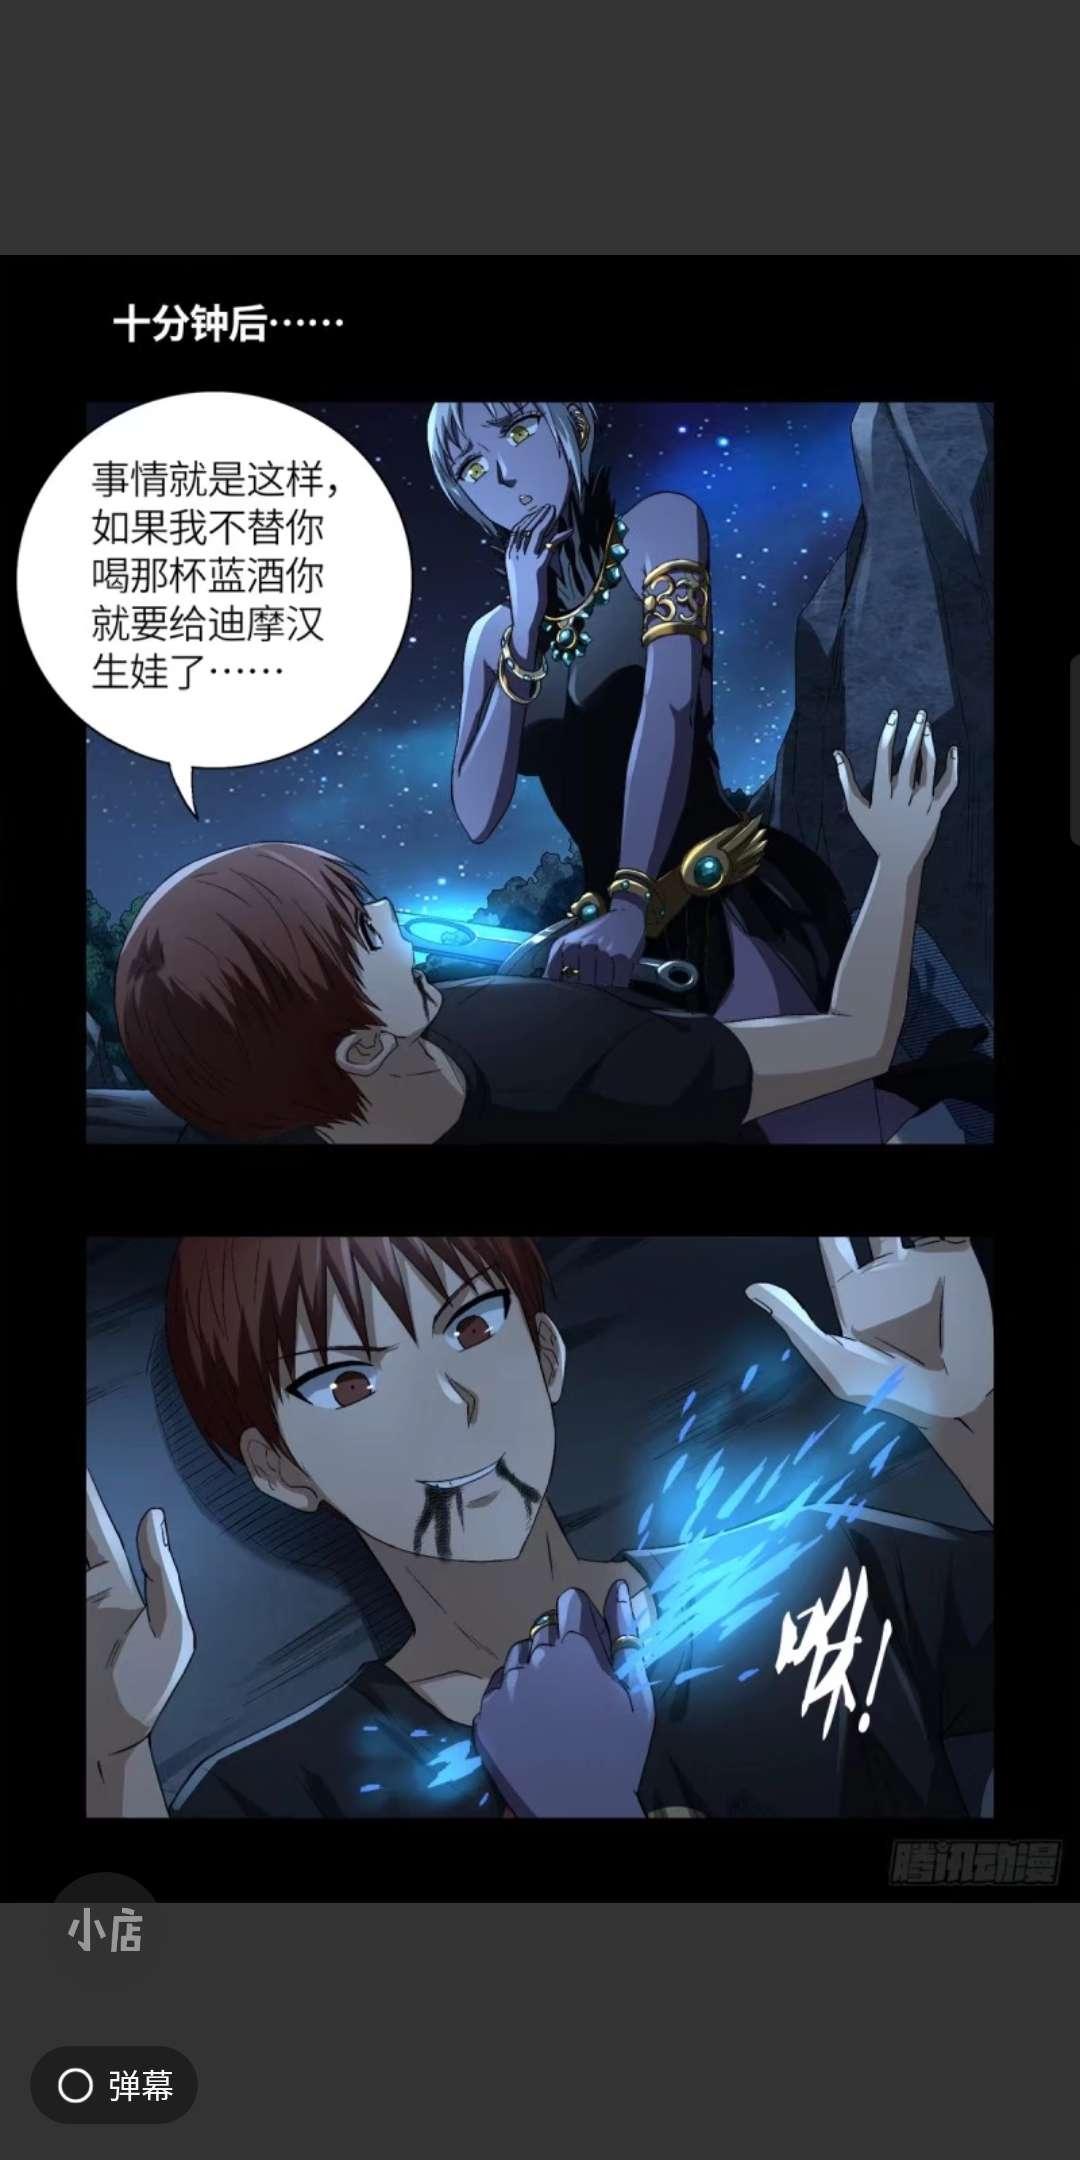 【漫画更新】血魔人628-小柚妹站